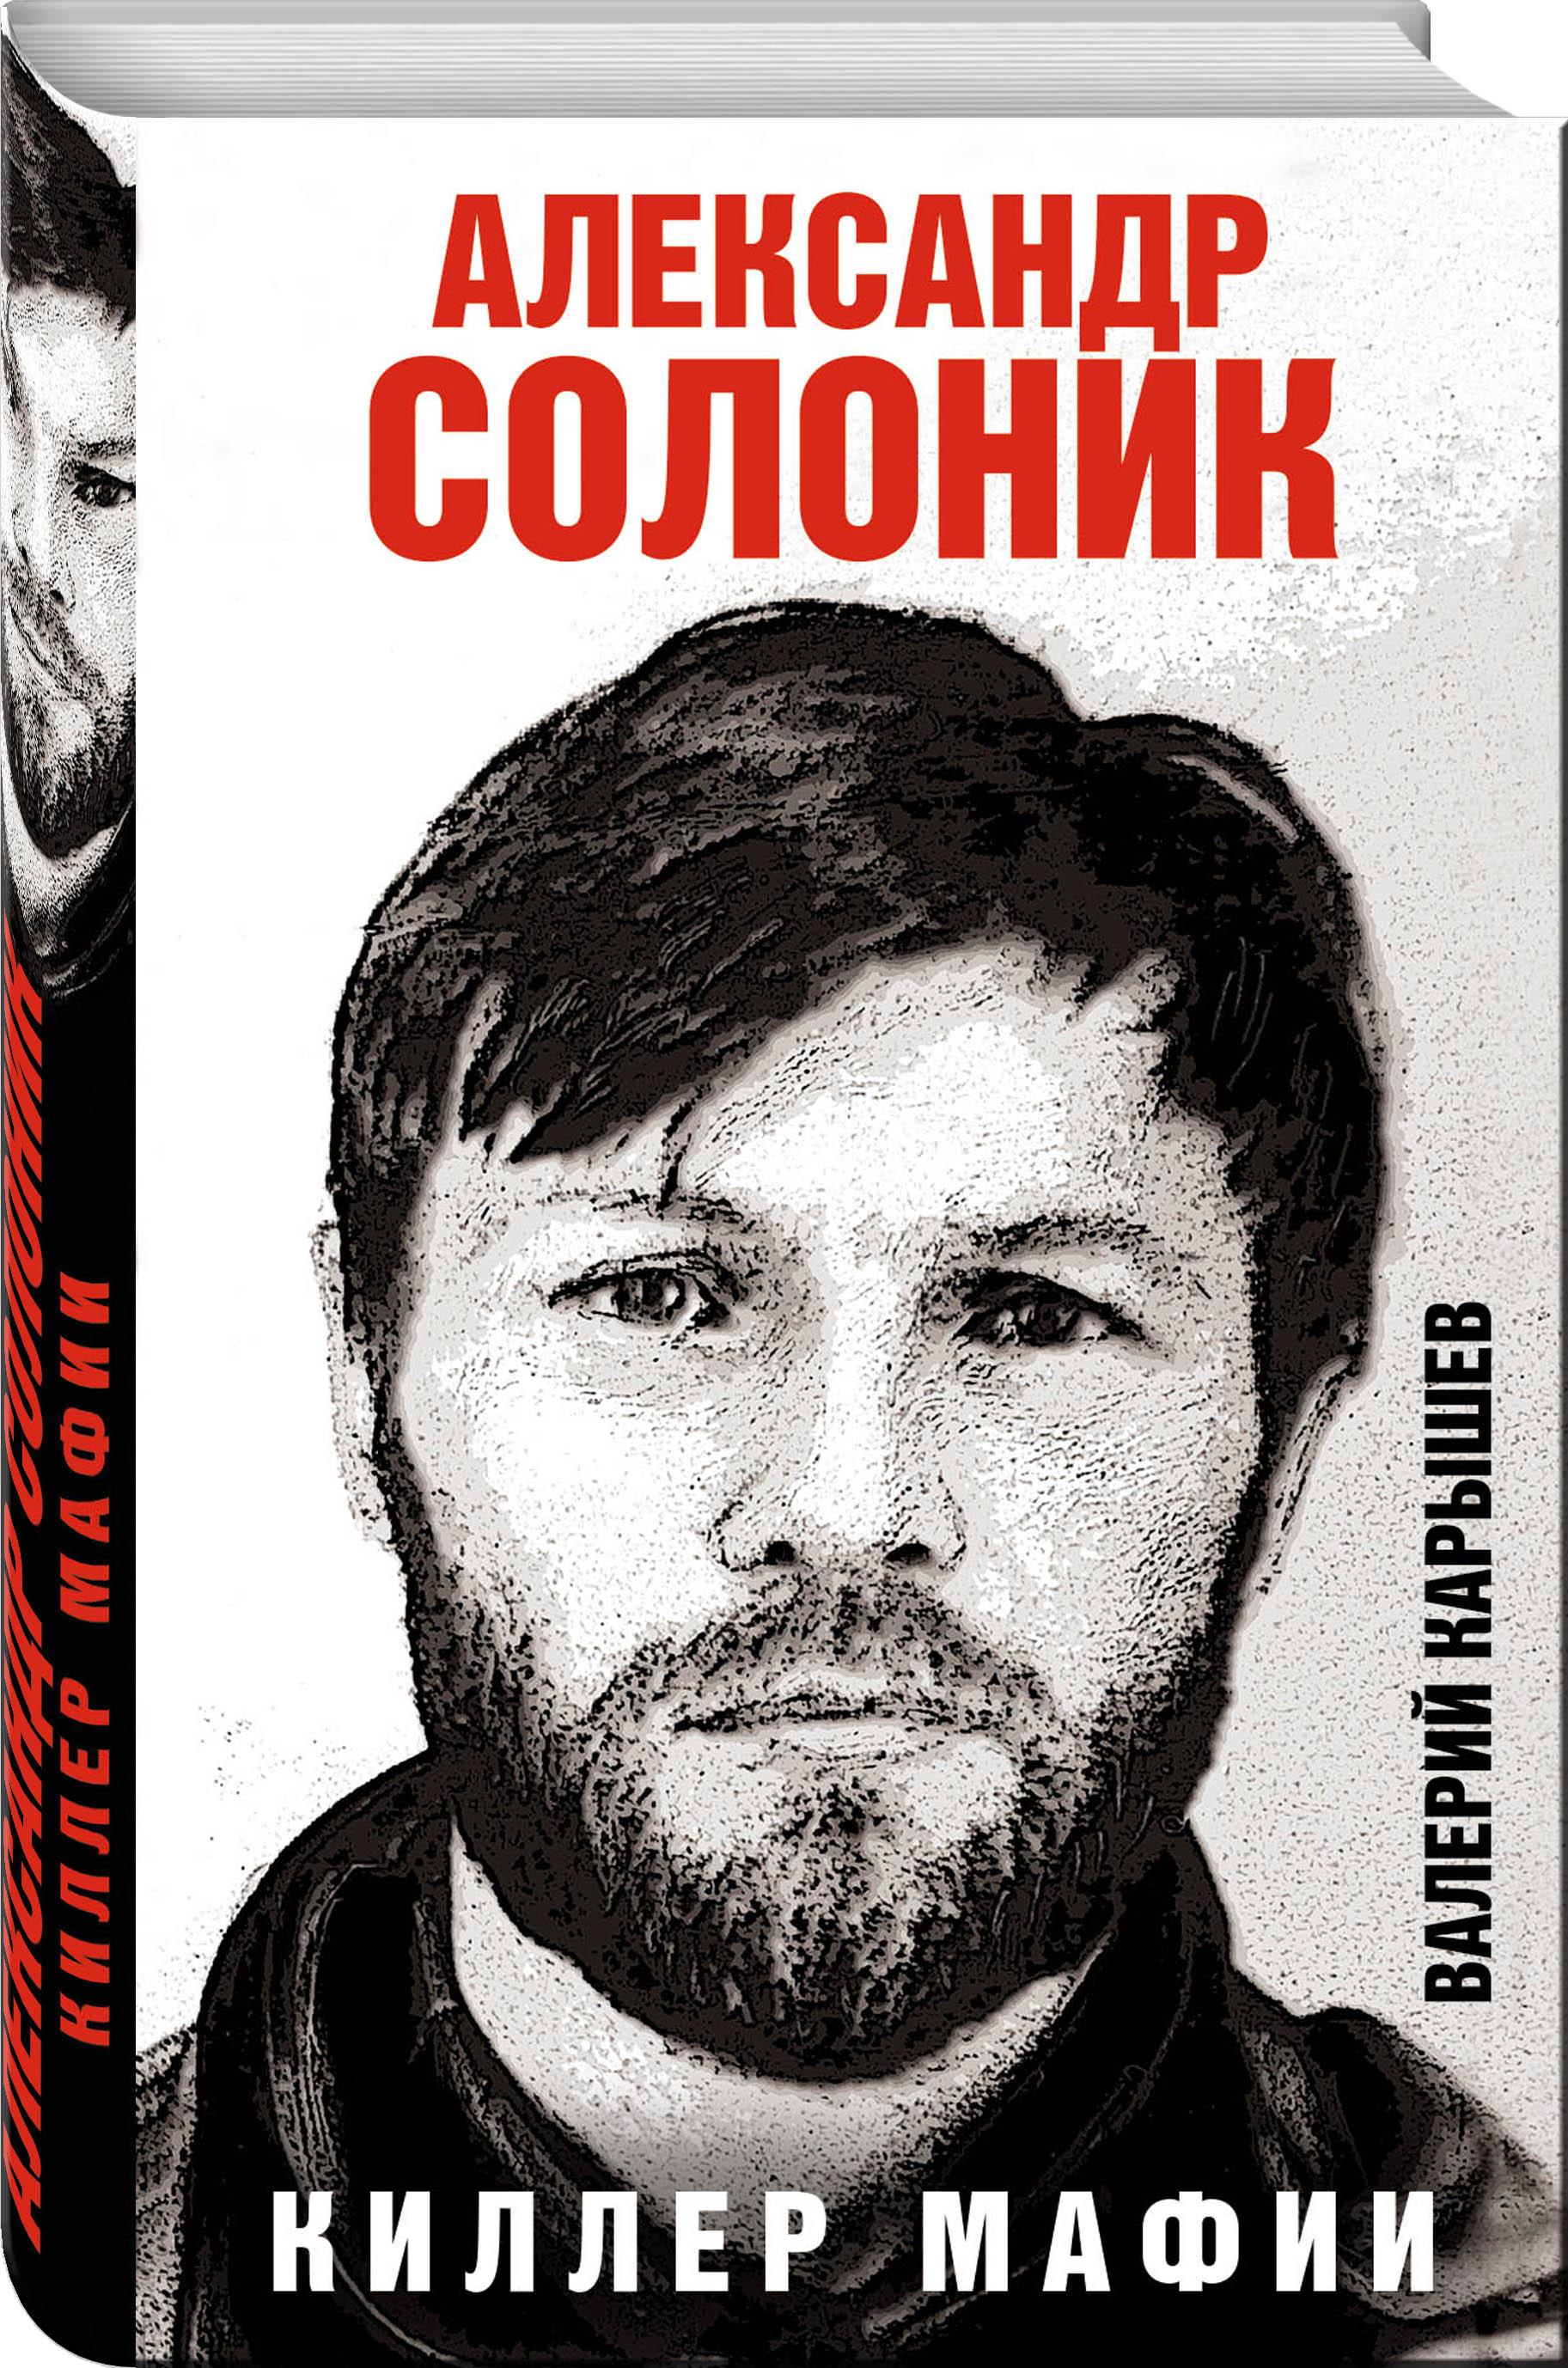 Валерий Карышев Александр Солоник - киллер мафии карышев в м александр солоник киллер мафии